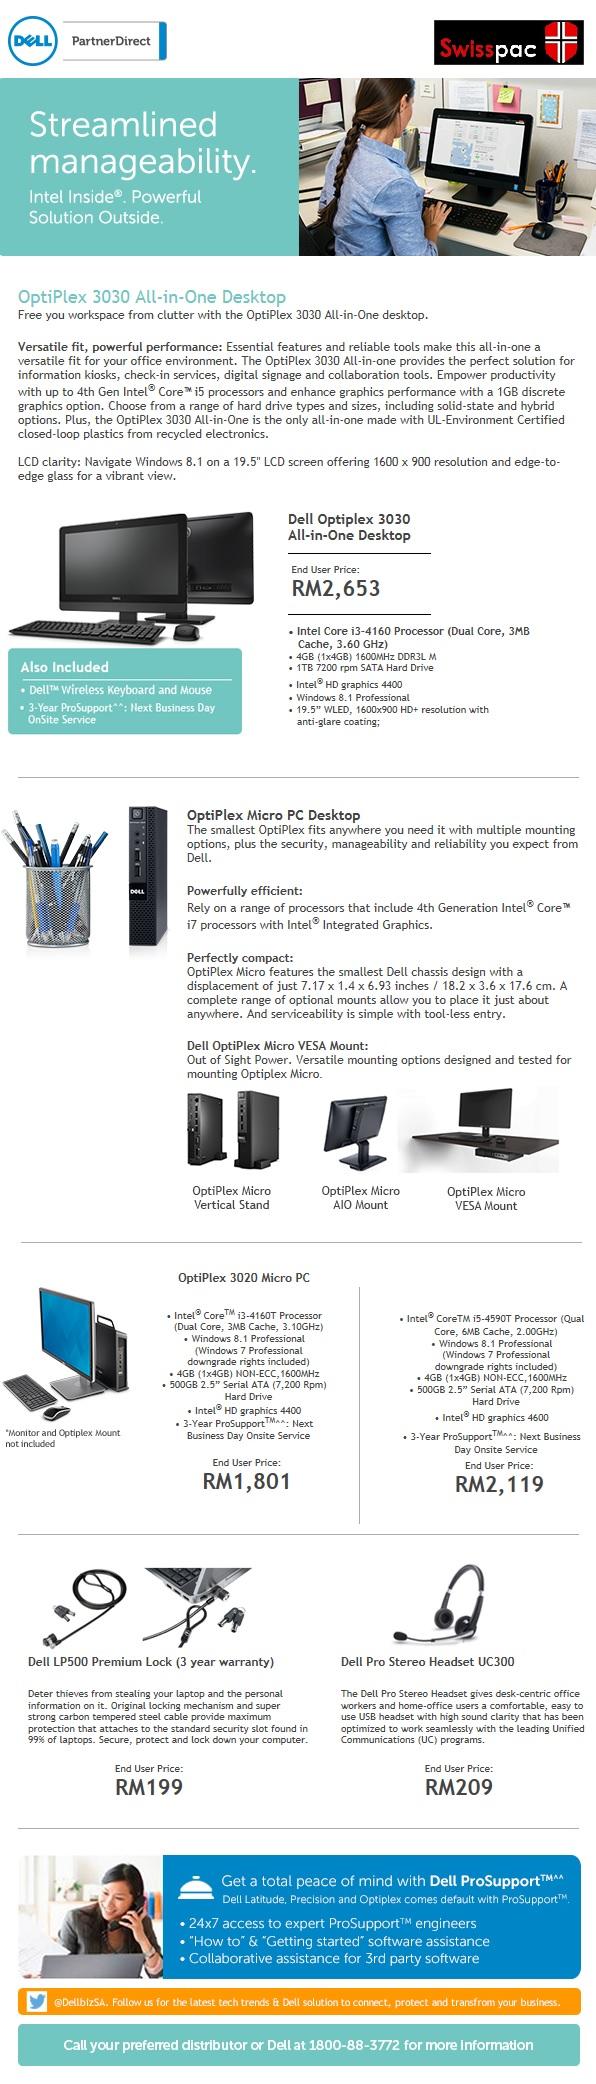 Dell Optiplex July Promo